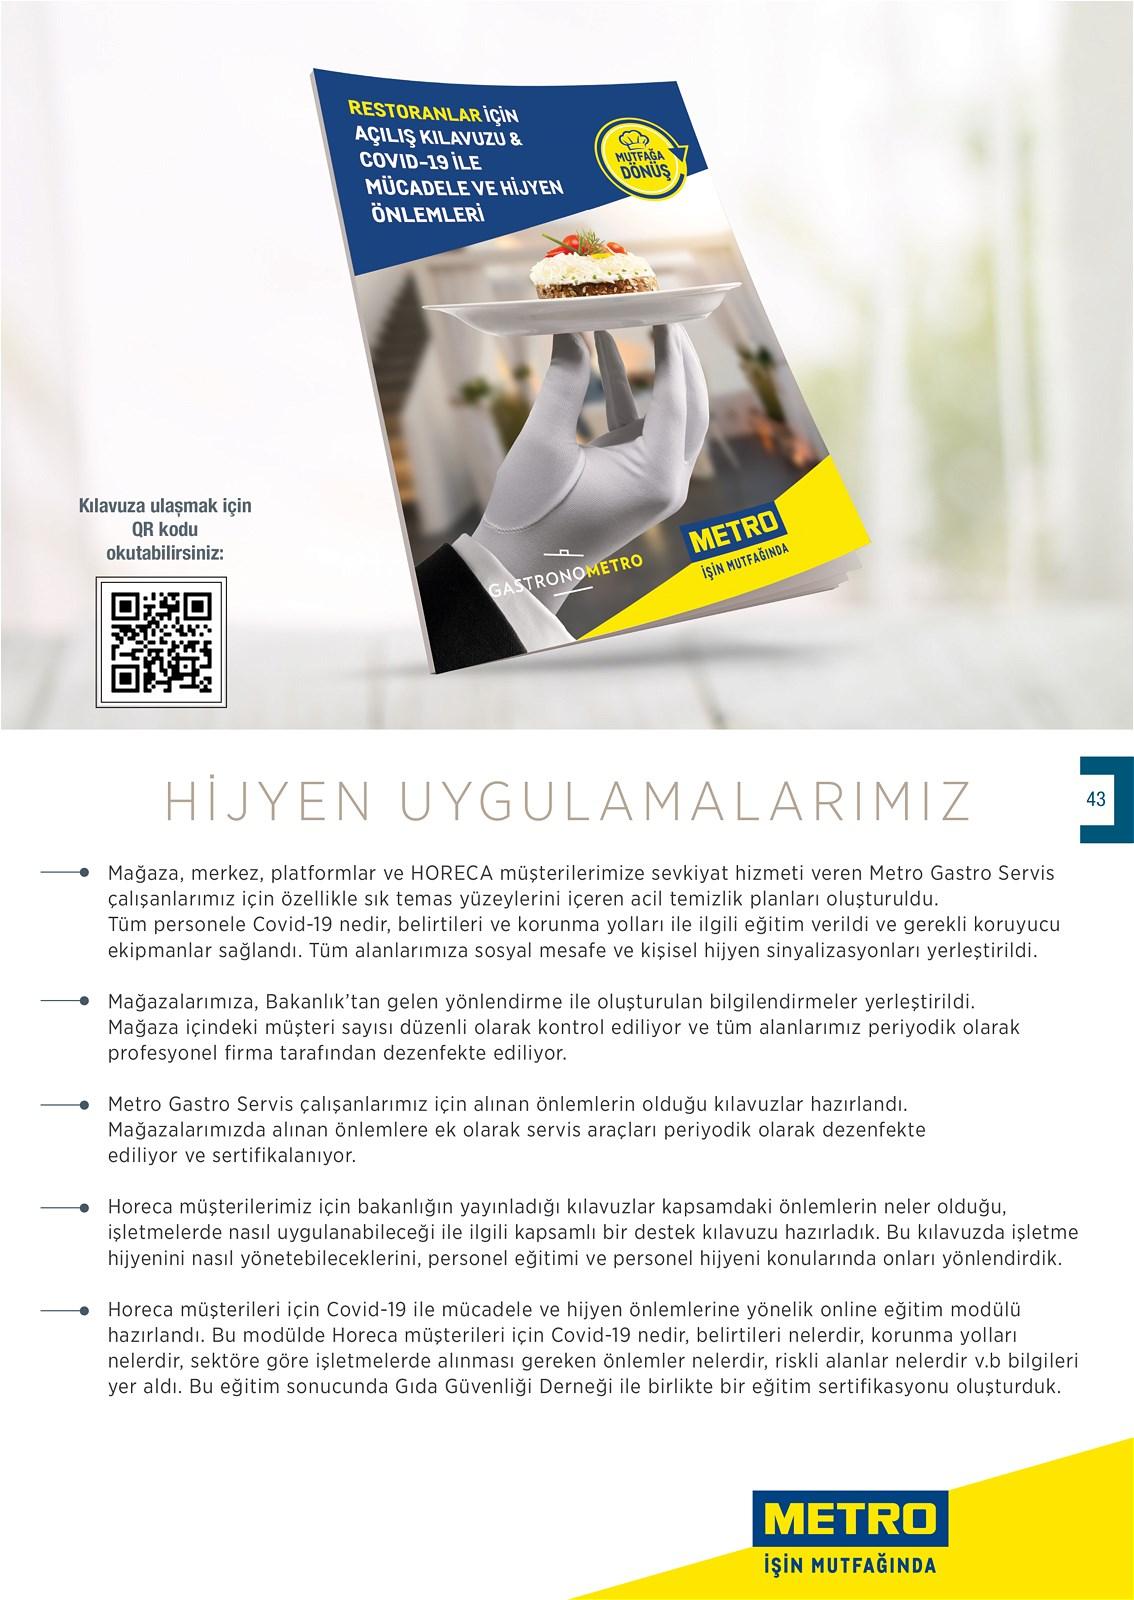 01.01.2021 Metro broşürü 43. sayfa